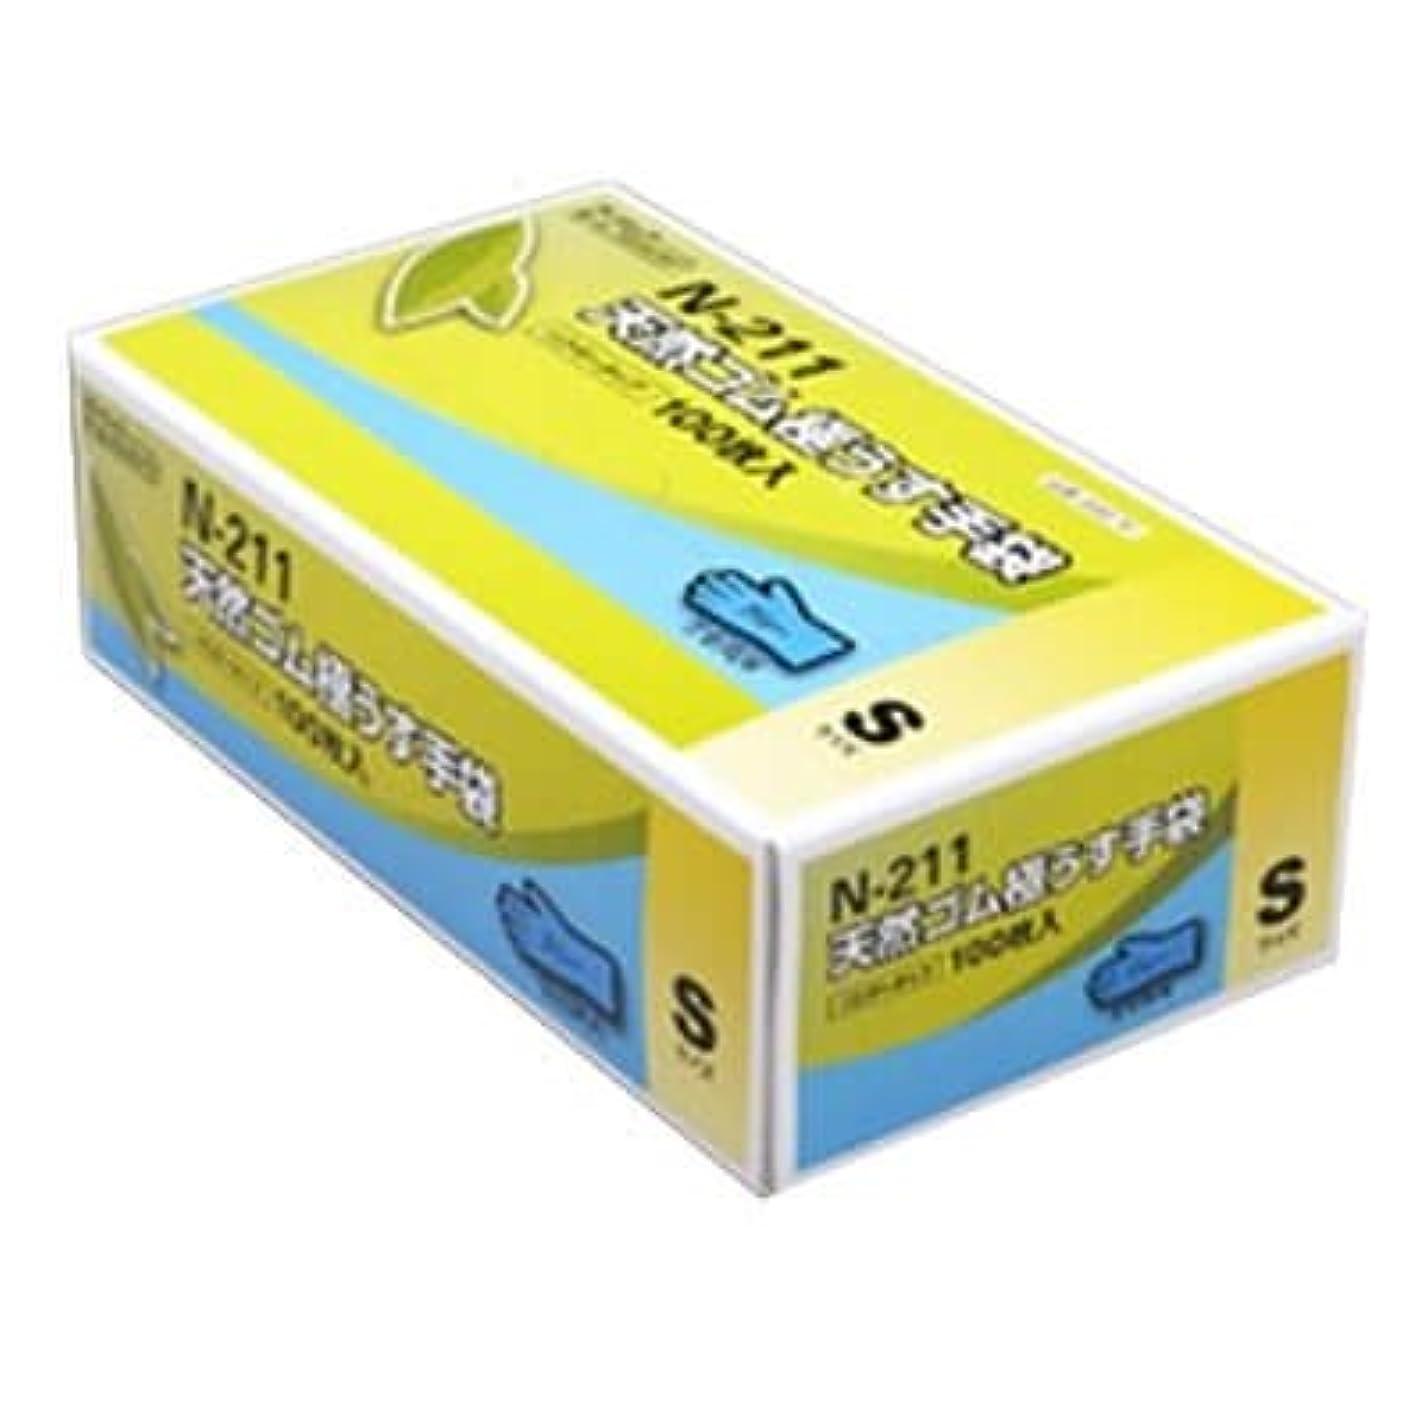 枯渇するコーヒー明るい【ケース販売】 ダンロップ 天然ゴム極うす手袋 N-211 S ブルー (100枚入×20箱)